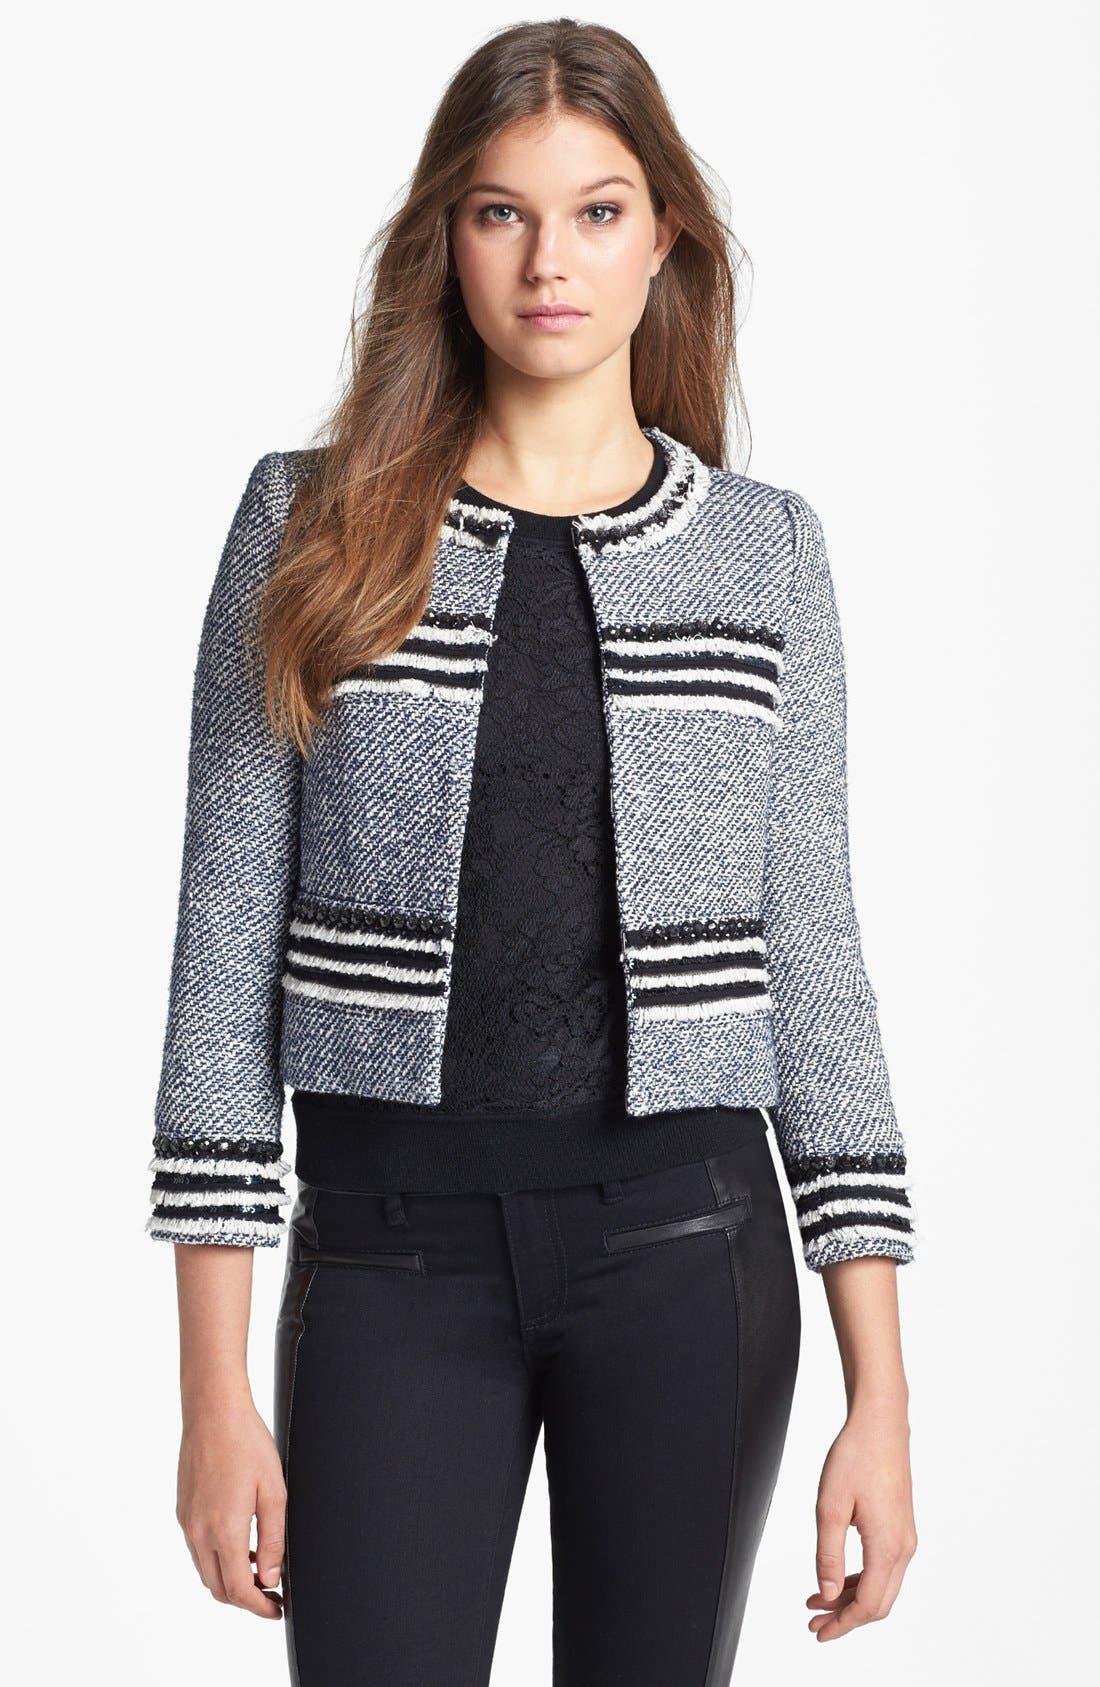 Alternate Image 1 Selected - Tory Burch 'Rosemary' Crop Tweed Jacket